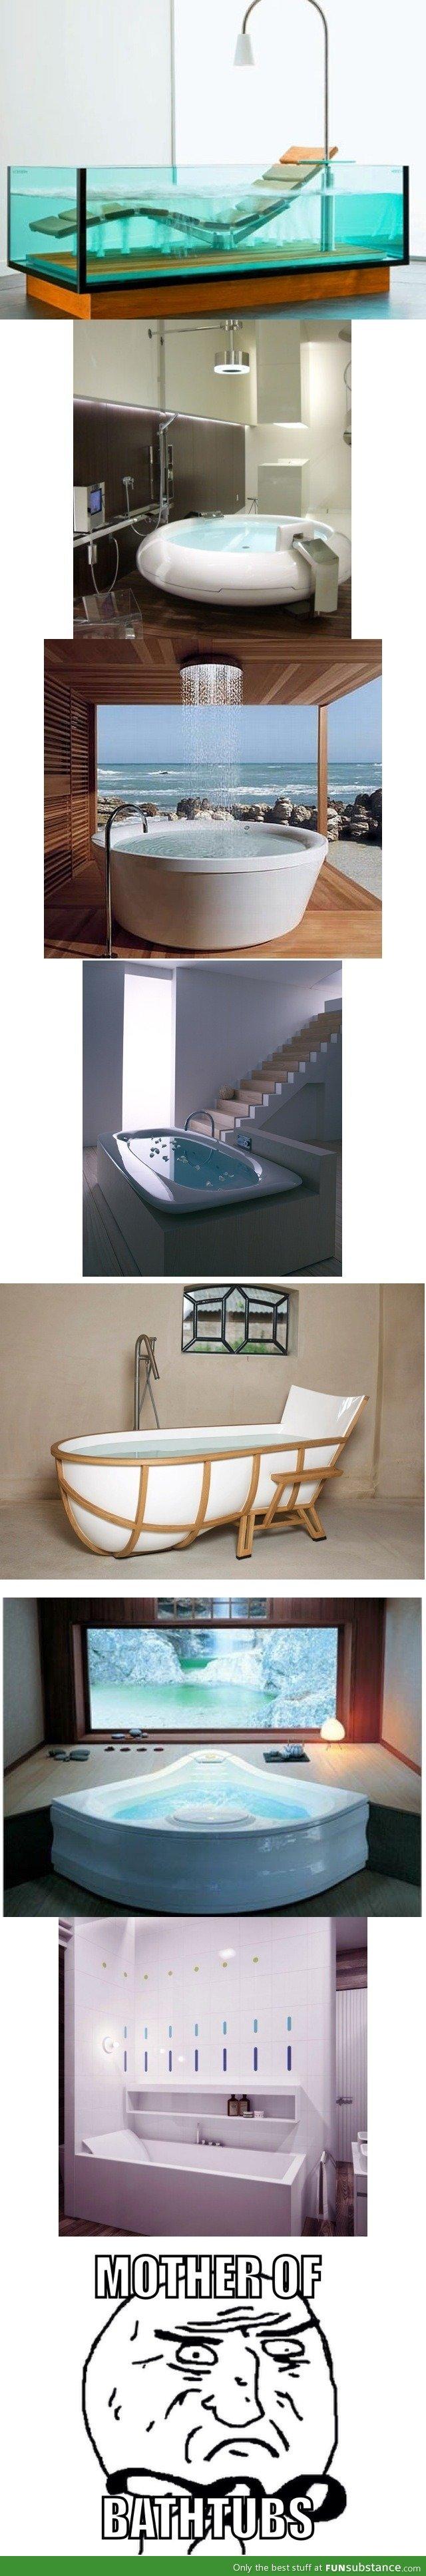 Entspannendes badezimmerdekor amazing bathtubs  wohn und haus  ideen  pinterest  haus ideen